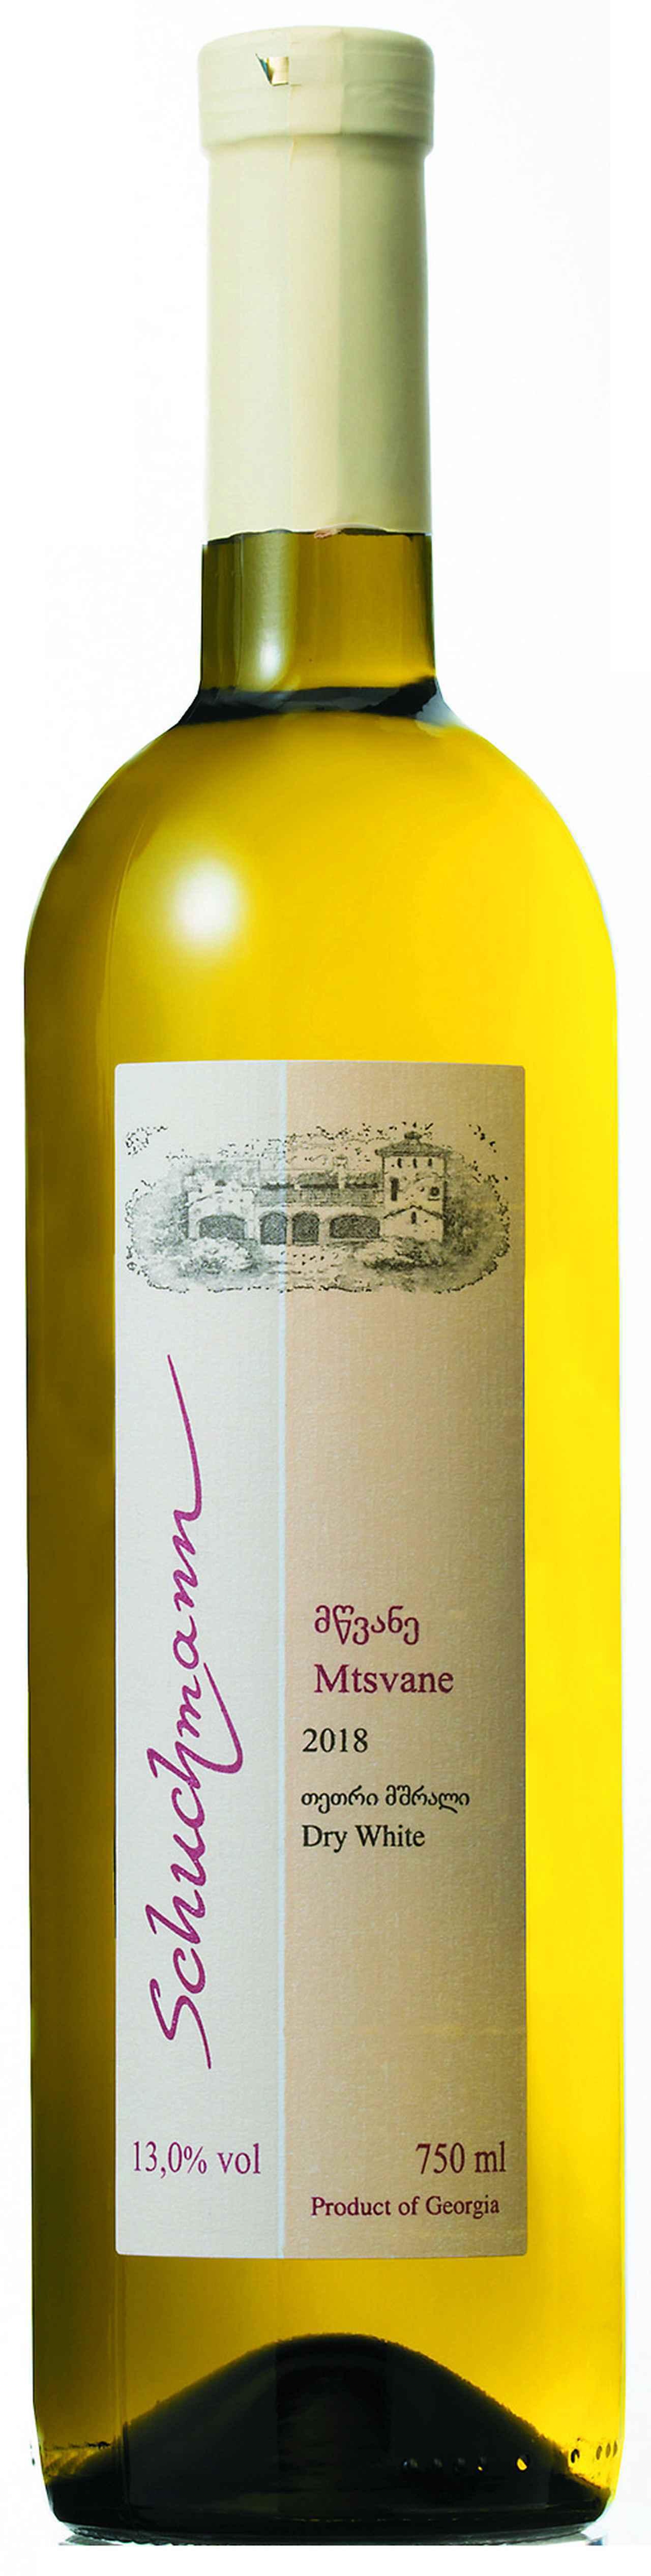 画像: 『ムツヴァネ 2018年』 生産者:シュフマン・ワインズ 生産地域:カヘティ 品種:ムツヴァネ100% 価格:1580円(税別) 輸入元:日本酒類販売㈱